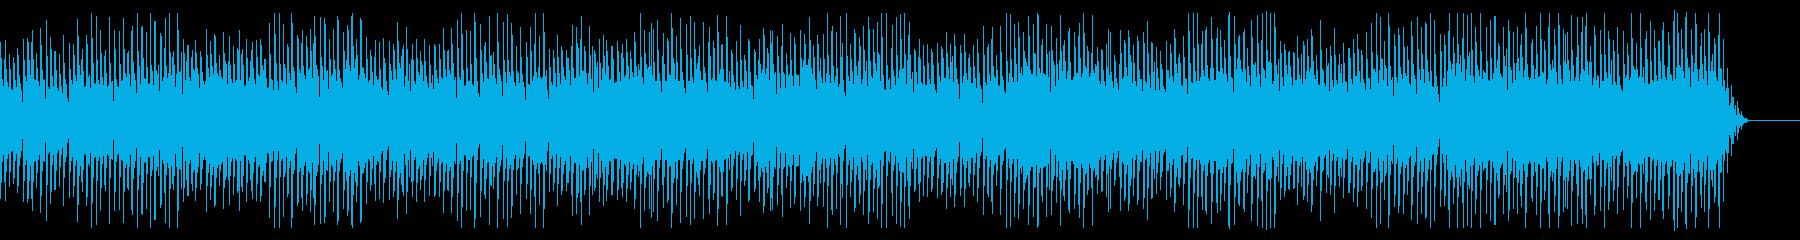 Zen ソルフェジオ周波数 528Hzの再生済みの波形